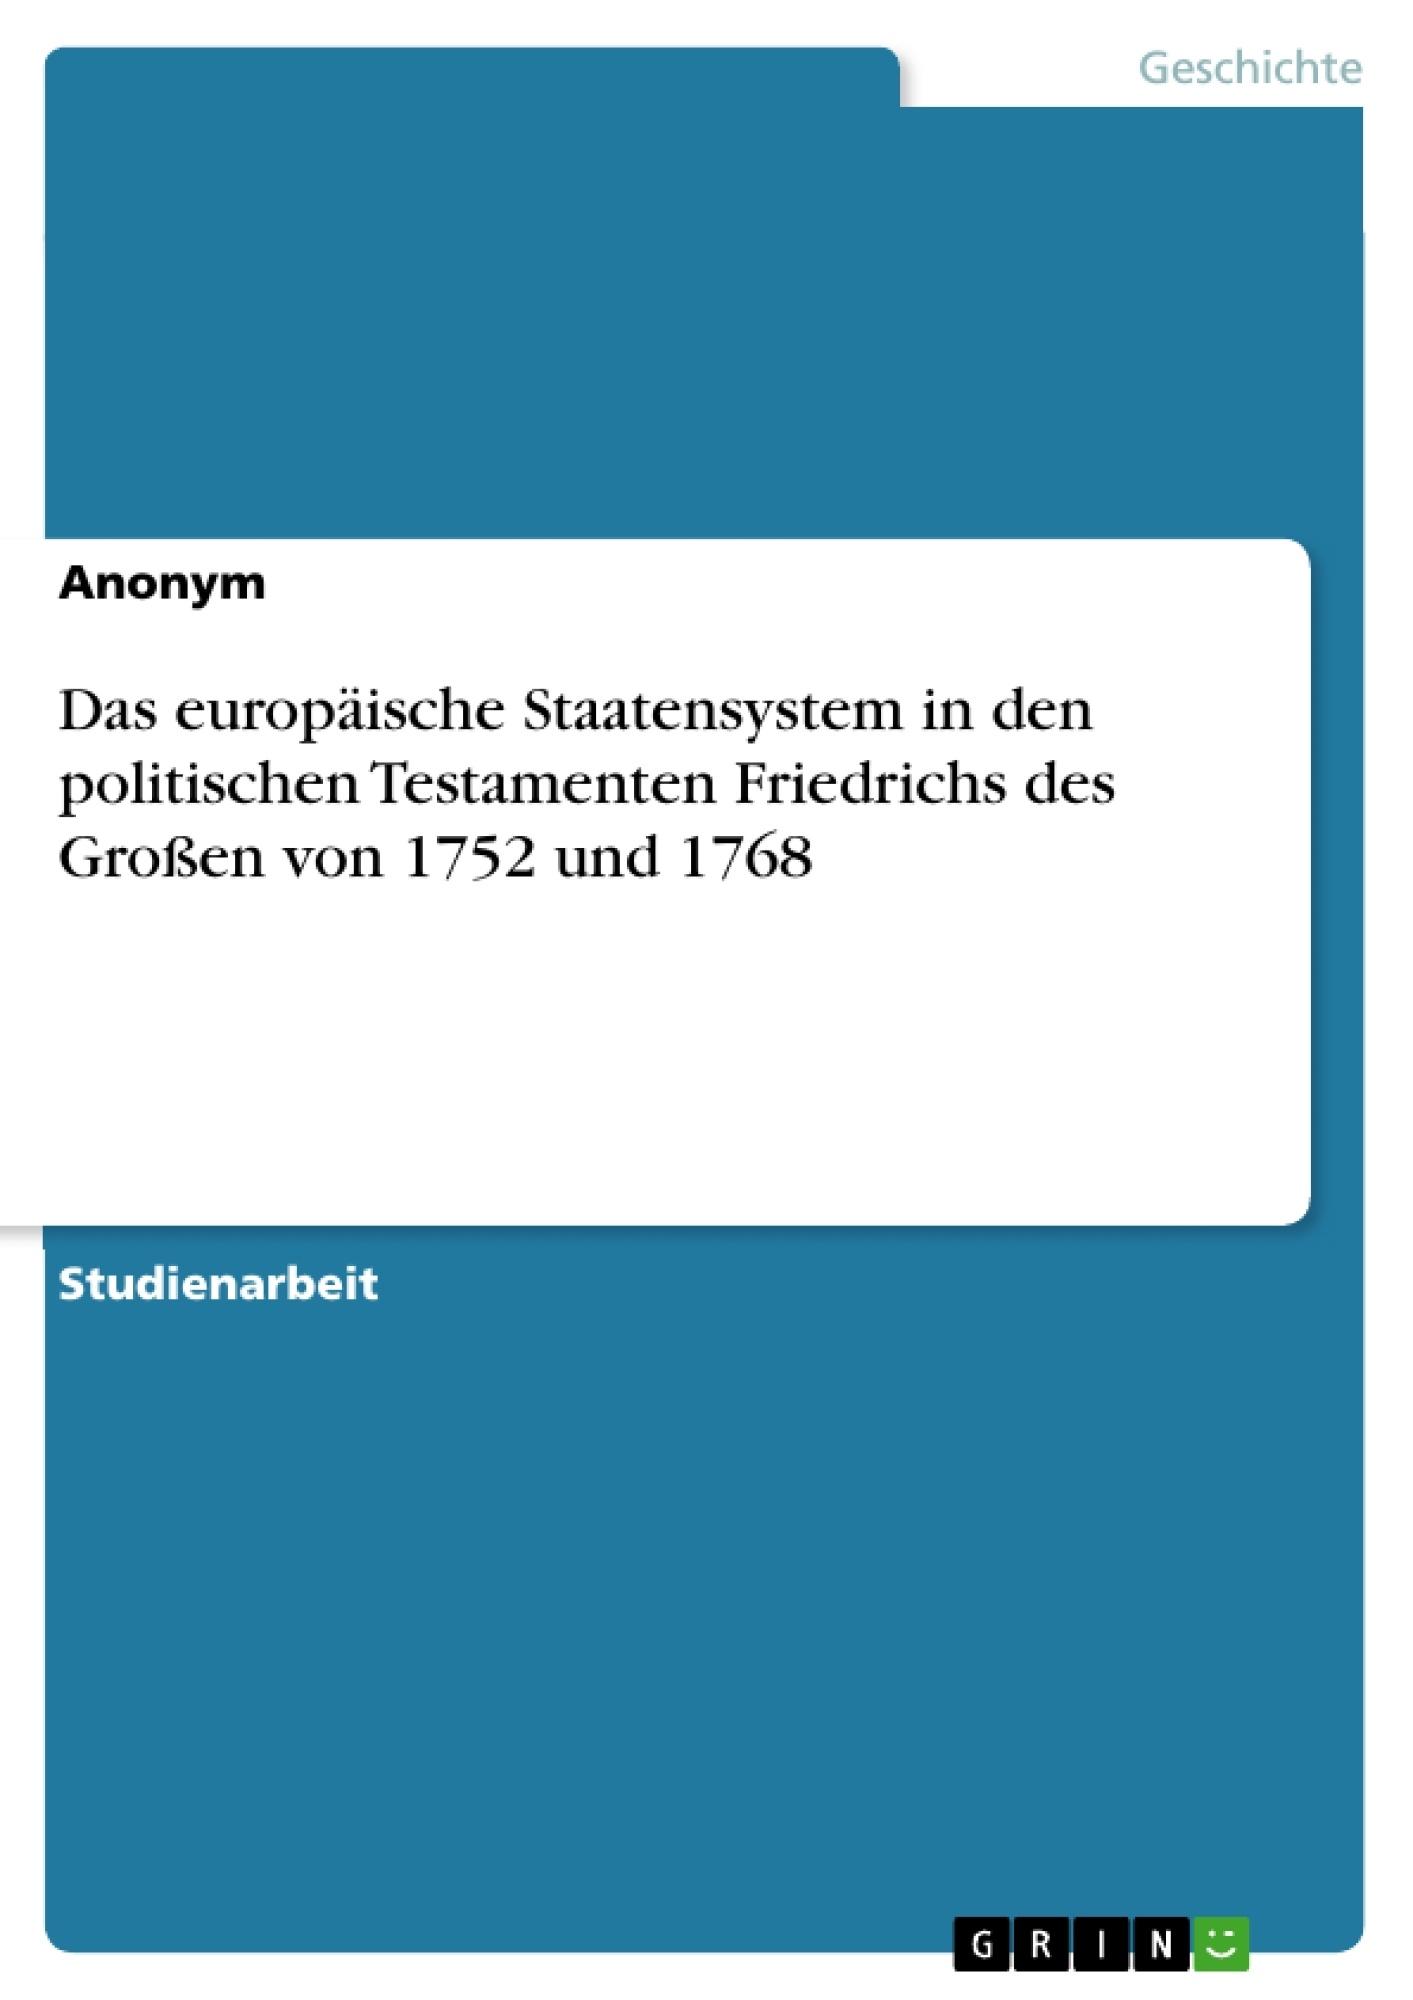 Titel: Das europäische Staatensystem in den politischen Testamenten Friedrichs des Großen von 1752 und 1768